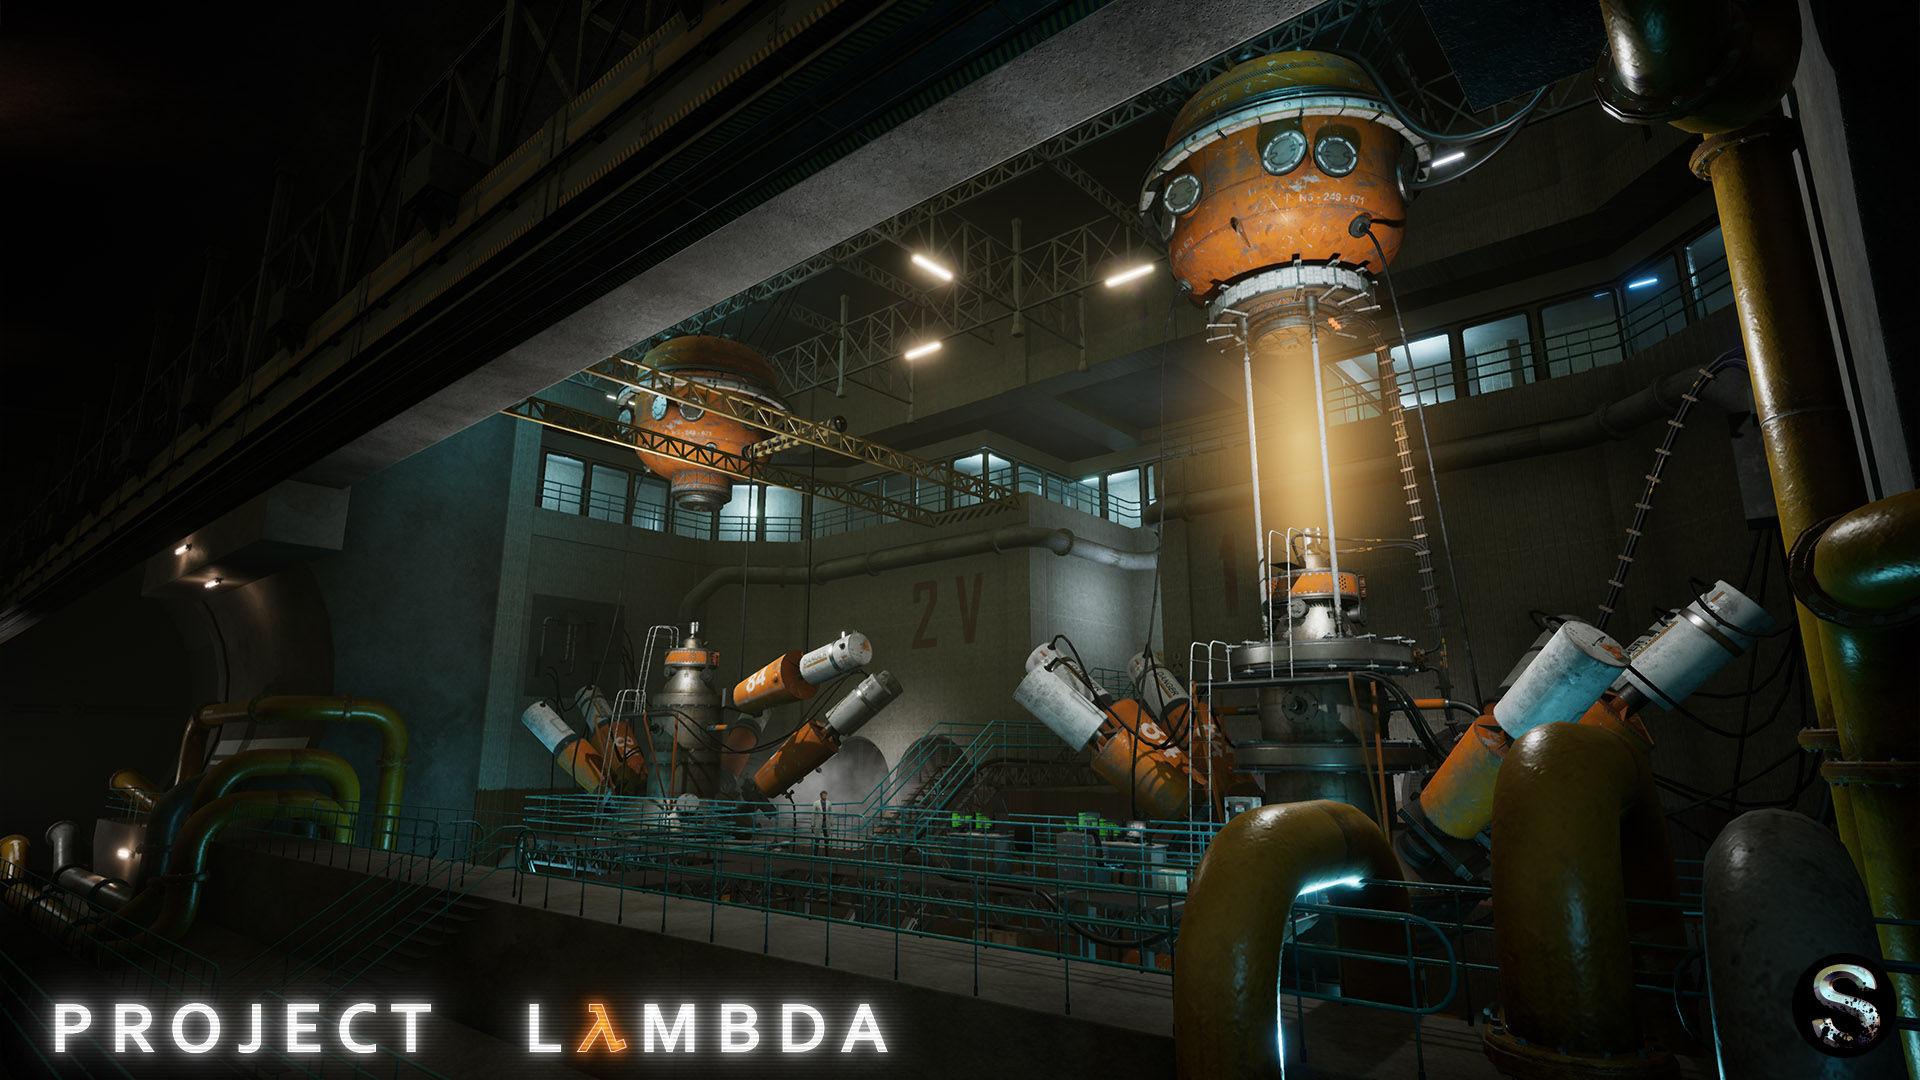 Half-Life'ın Remake projesi için ilgi çekici görseller paylaşıldı